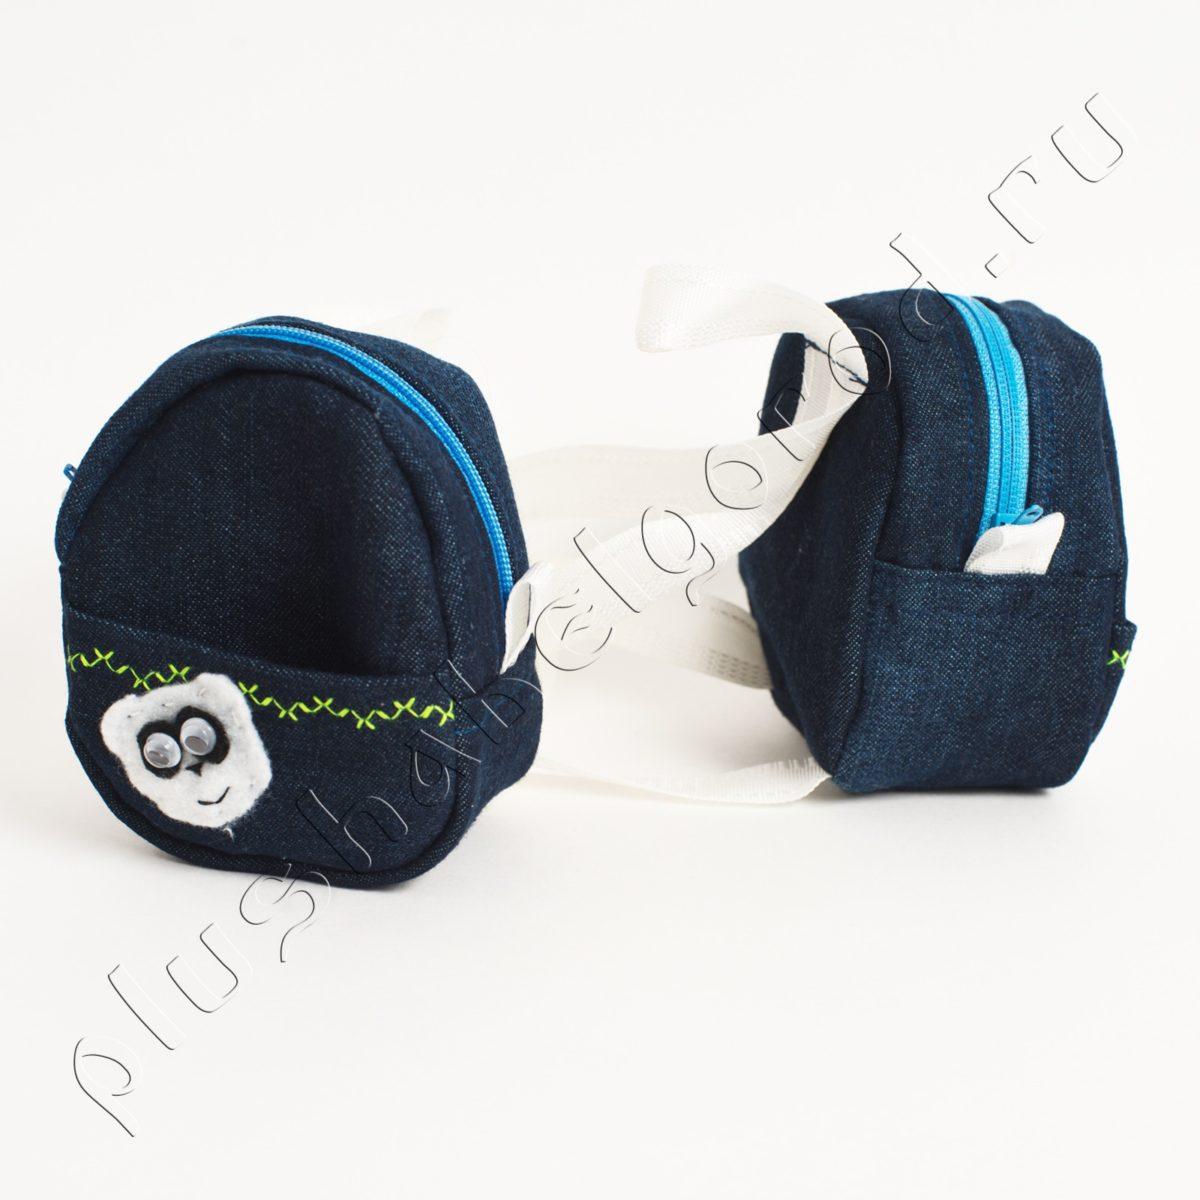 Рюкзачок джинсовый с пандой, цена за штуку